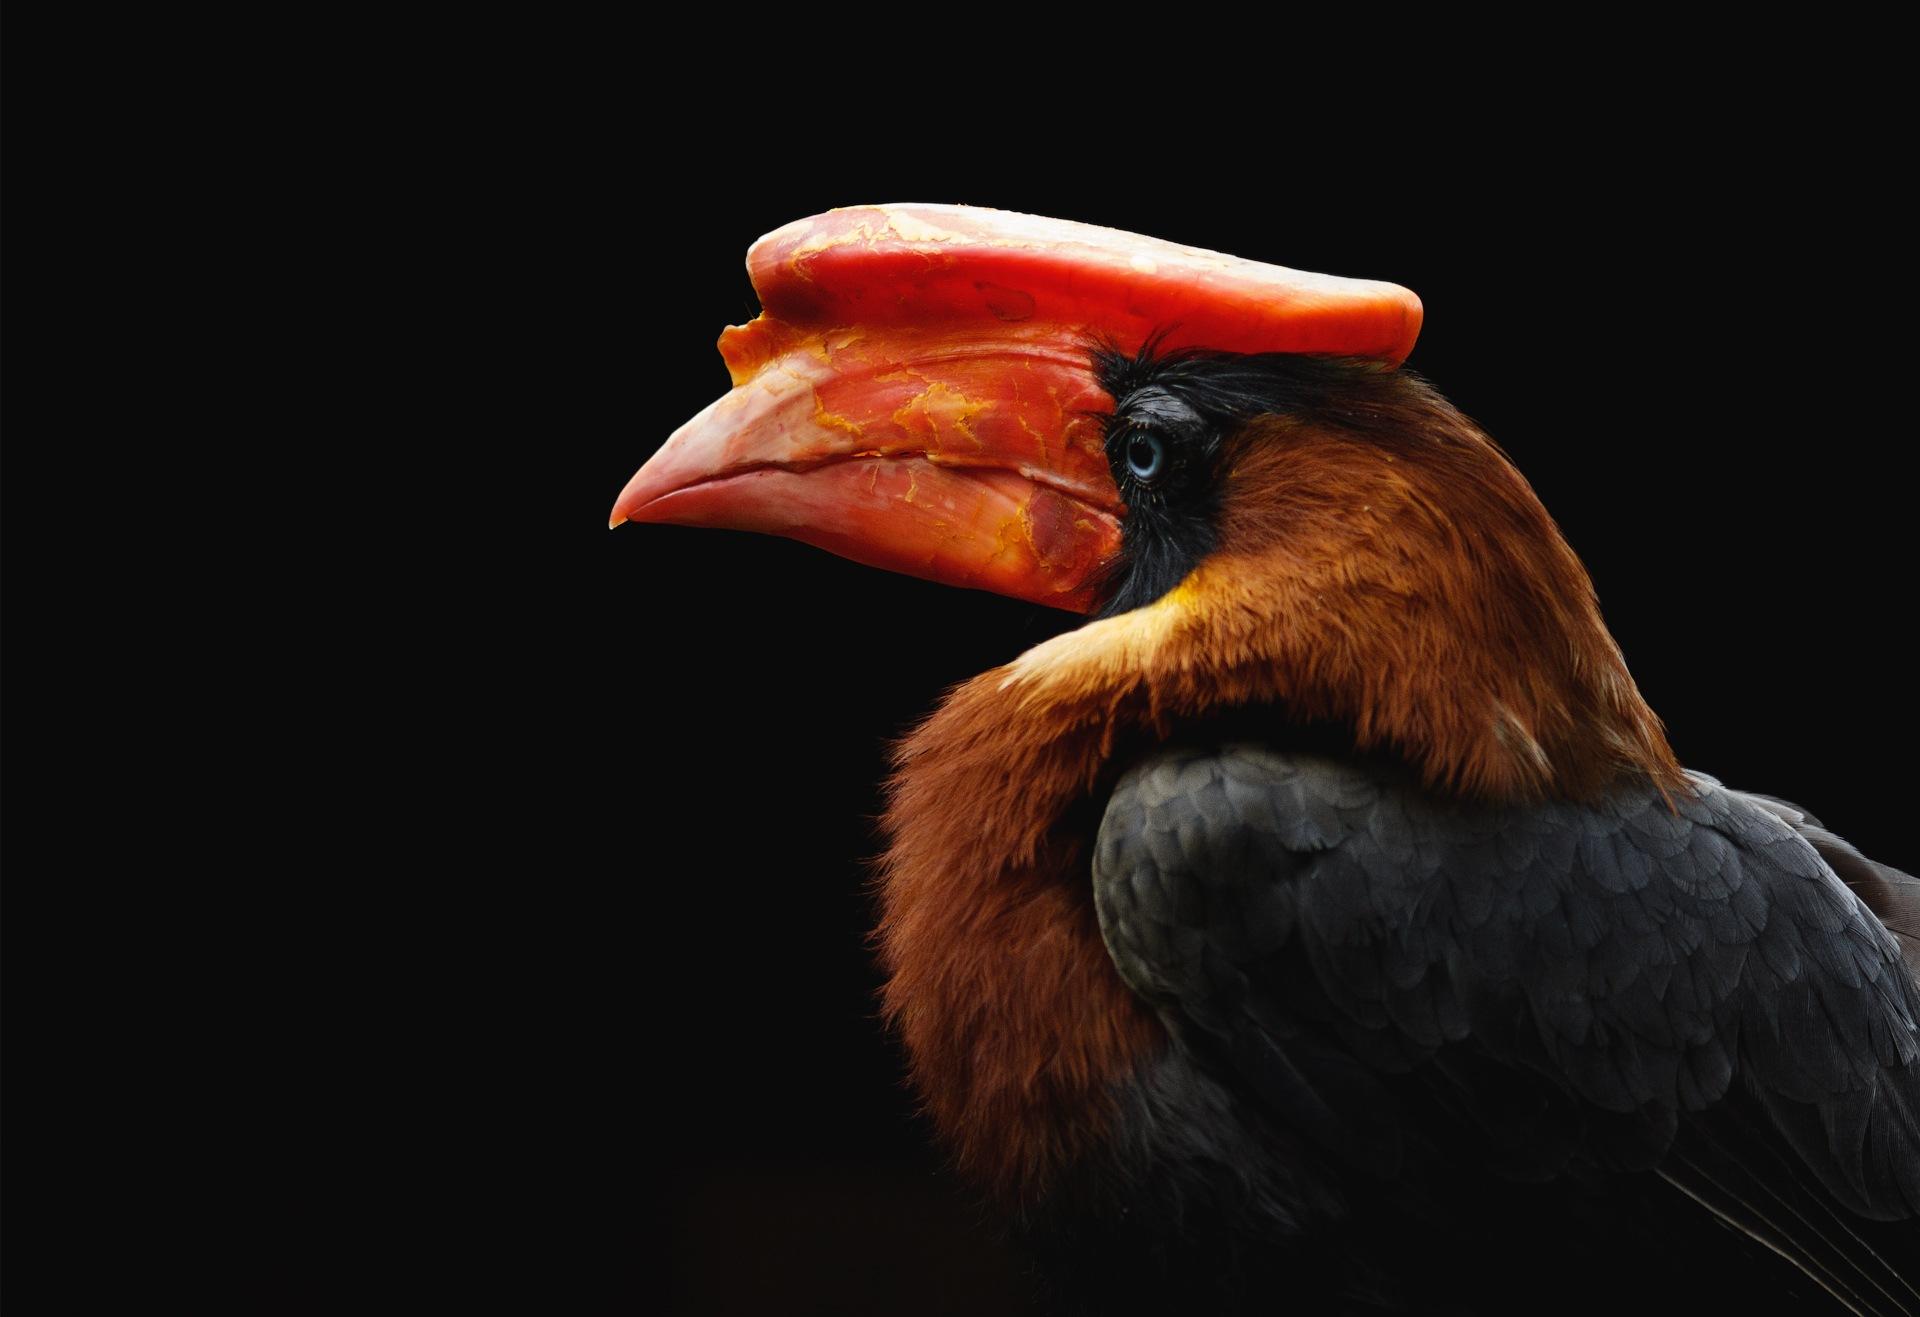 Red beak by Janis Straut